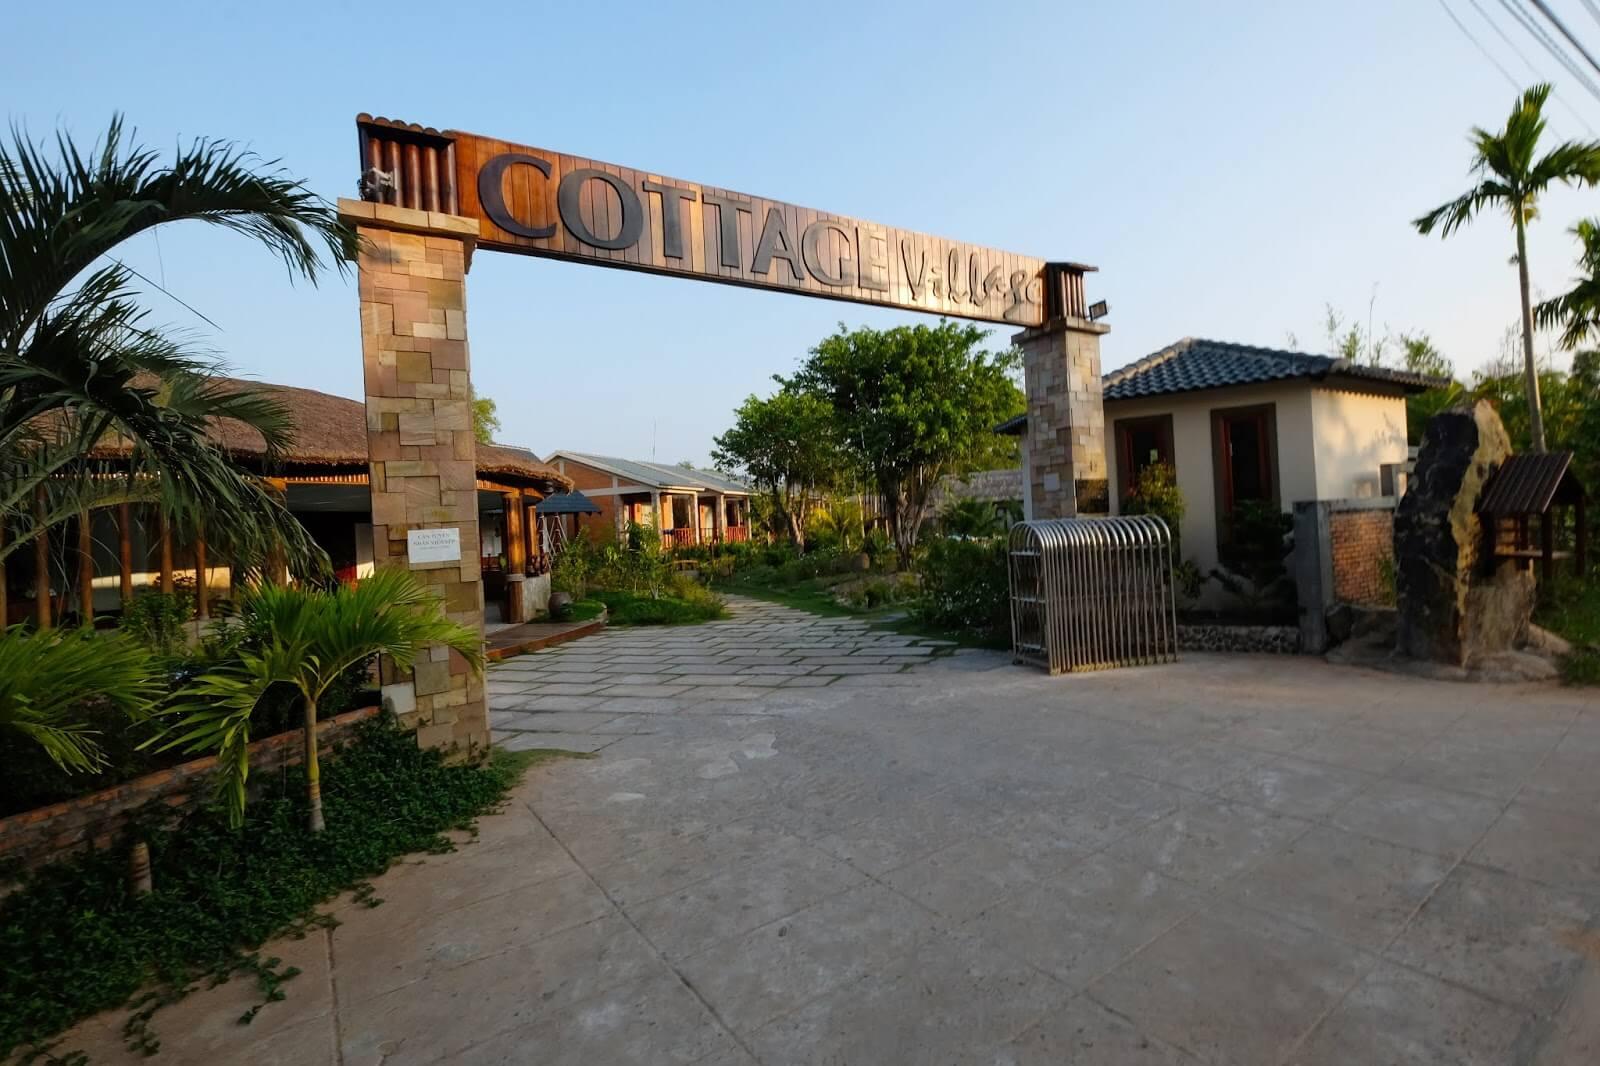 Tận hưởng kỳ nghỉ dưỡng Phú Quốc tuyệt vời tại Cottage Village.